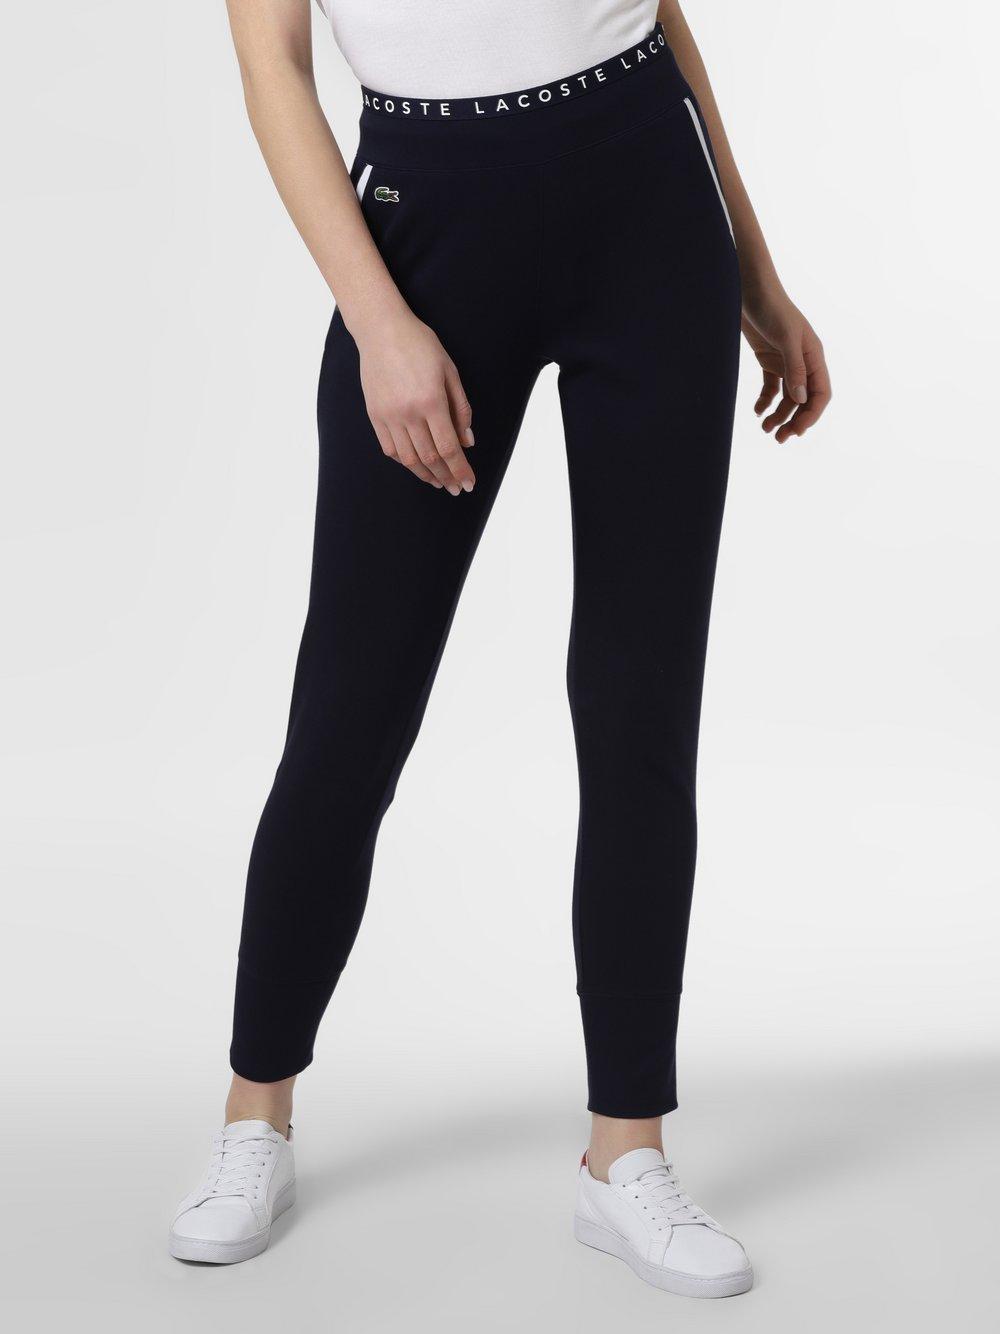 Lacoste - Damskie spodnie dresowe, niebieski